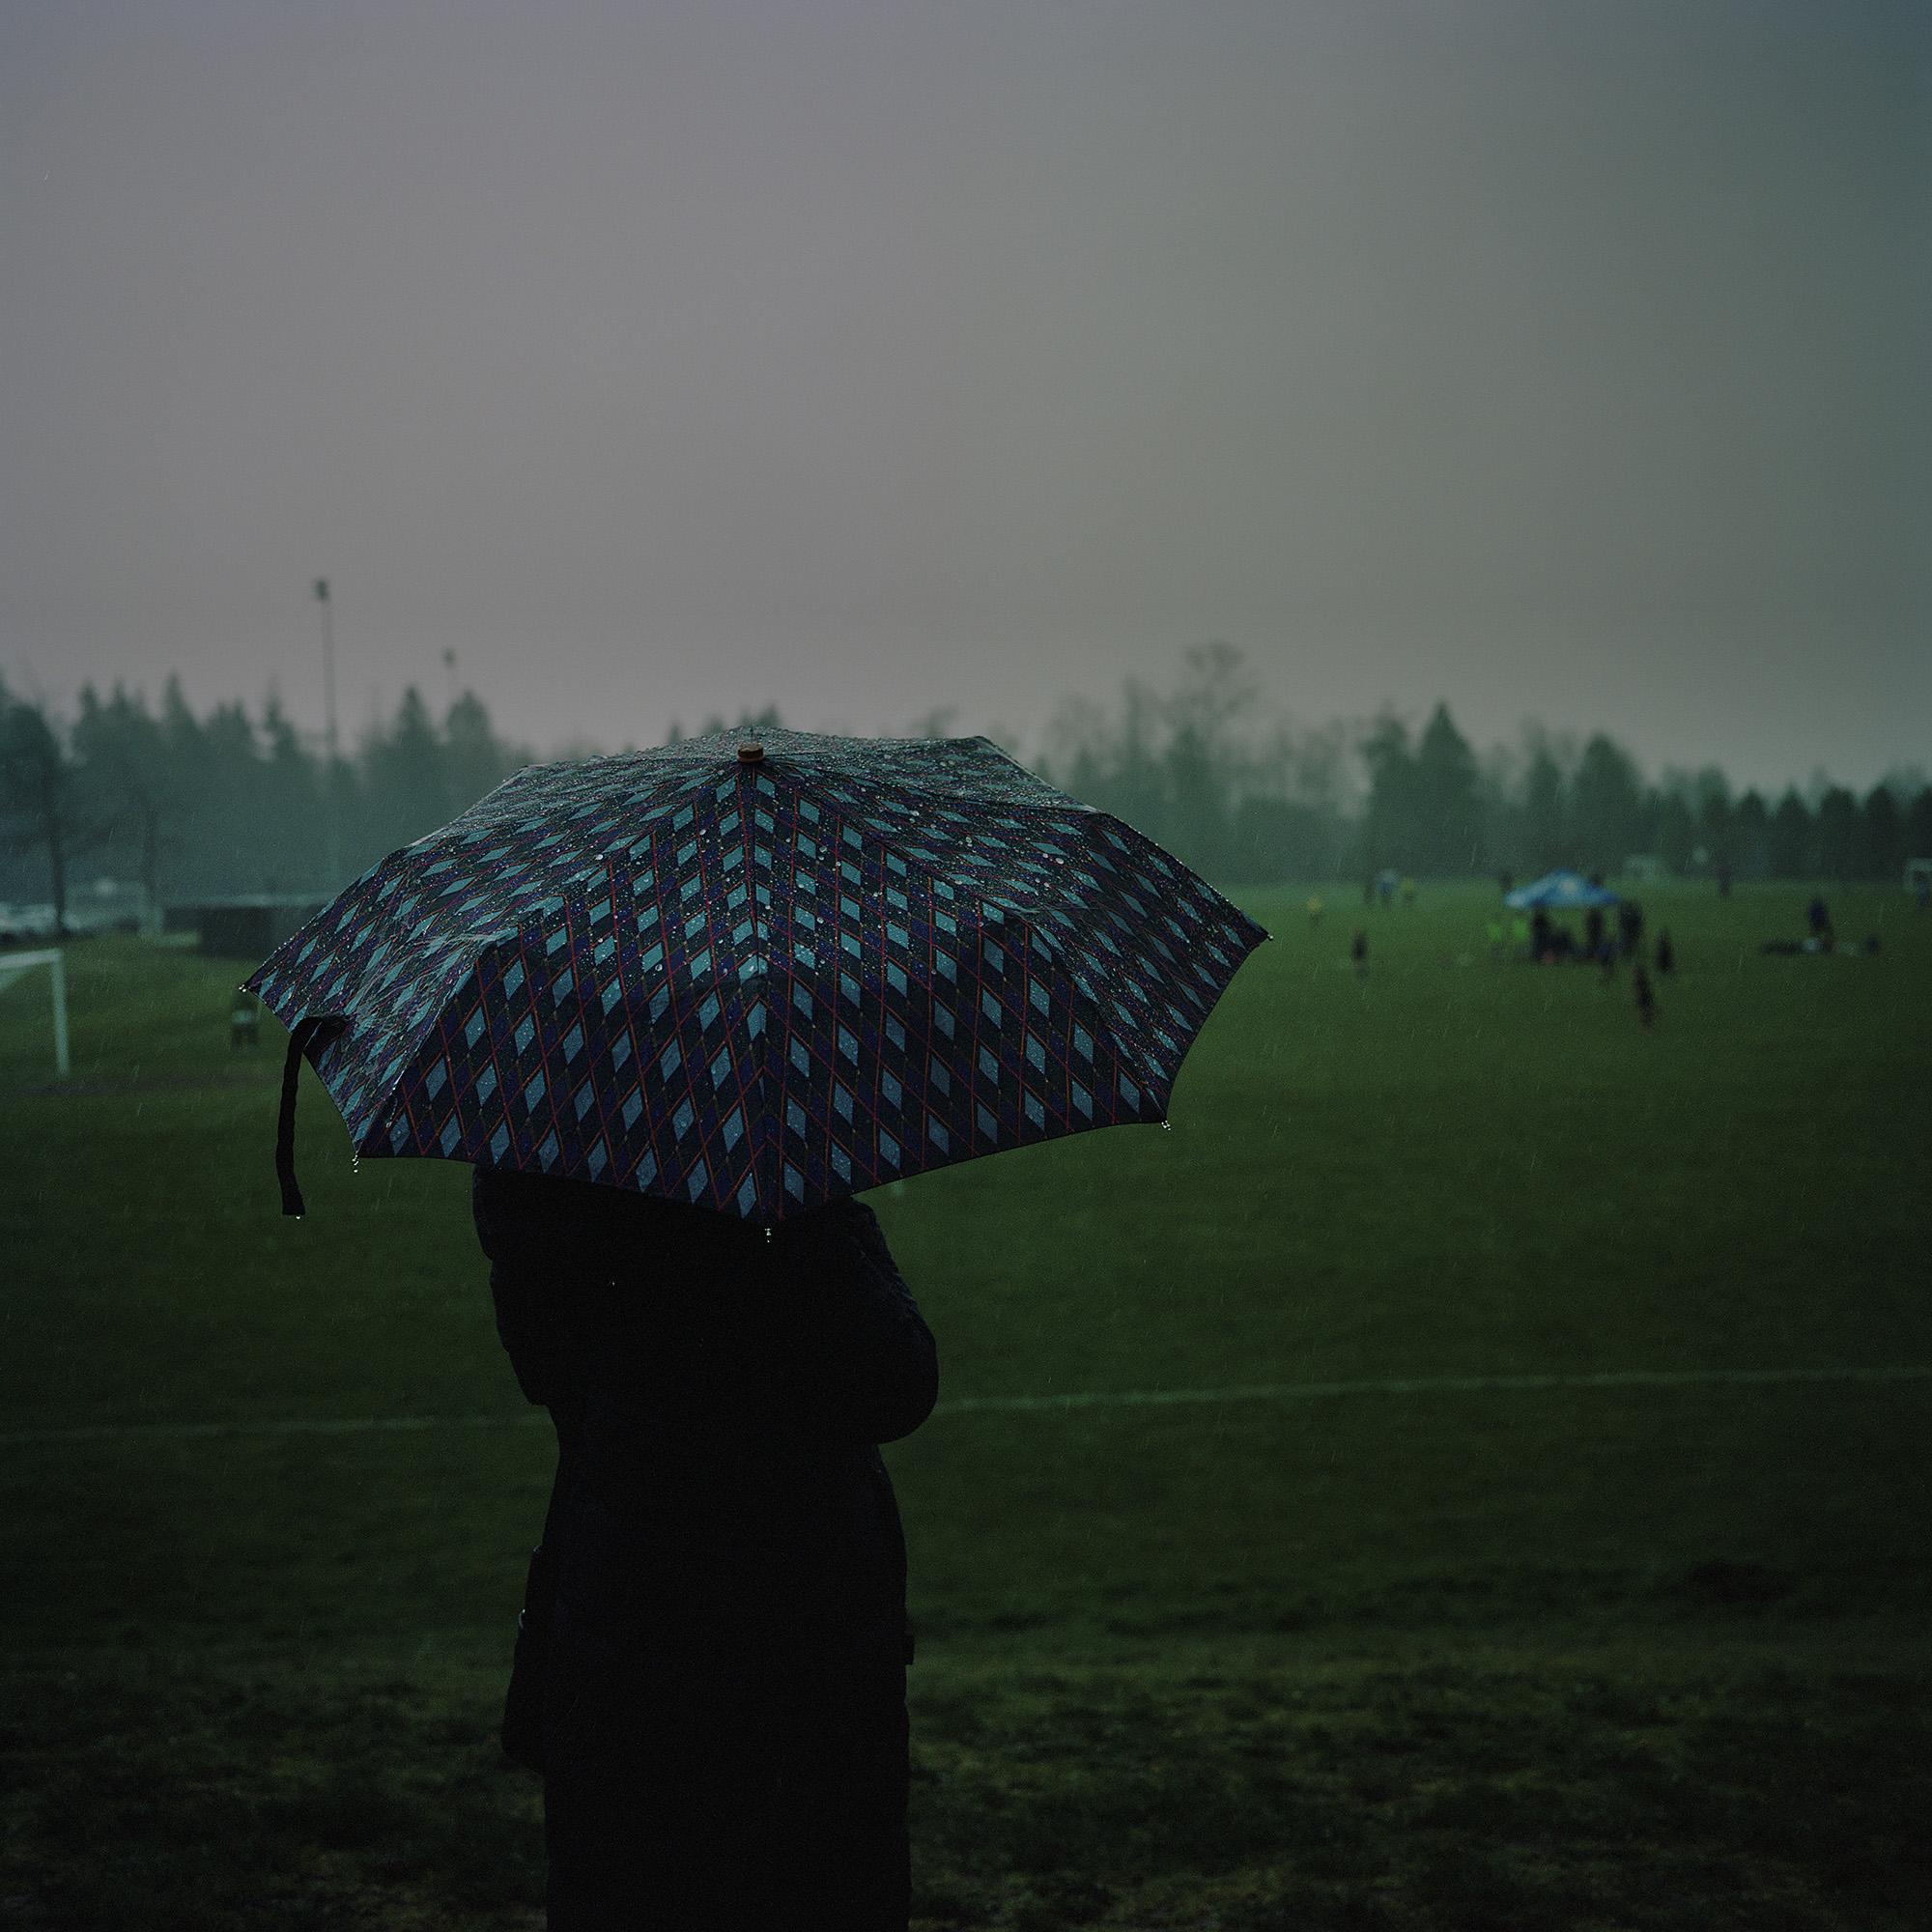 Soccer_Game_Rain.jpg